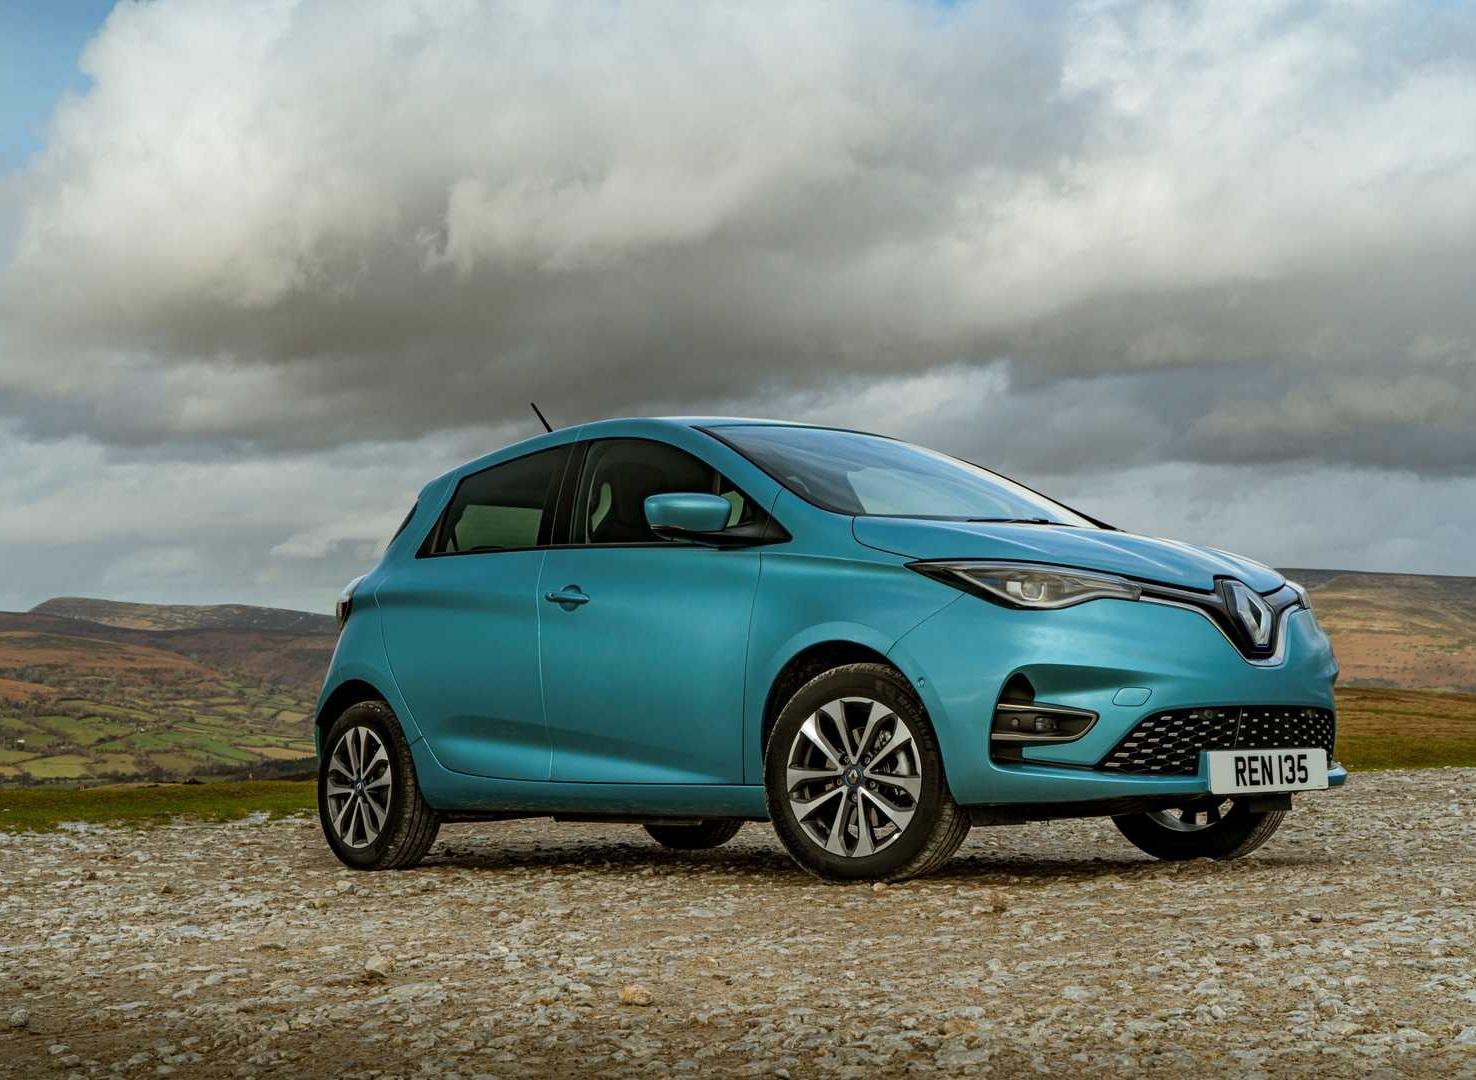 Renault бесплатно раздаст электрокары все жителям небольшого городка